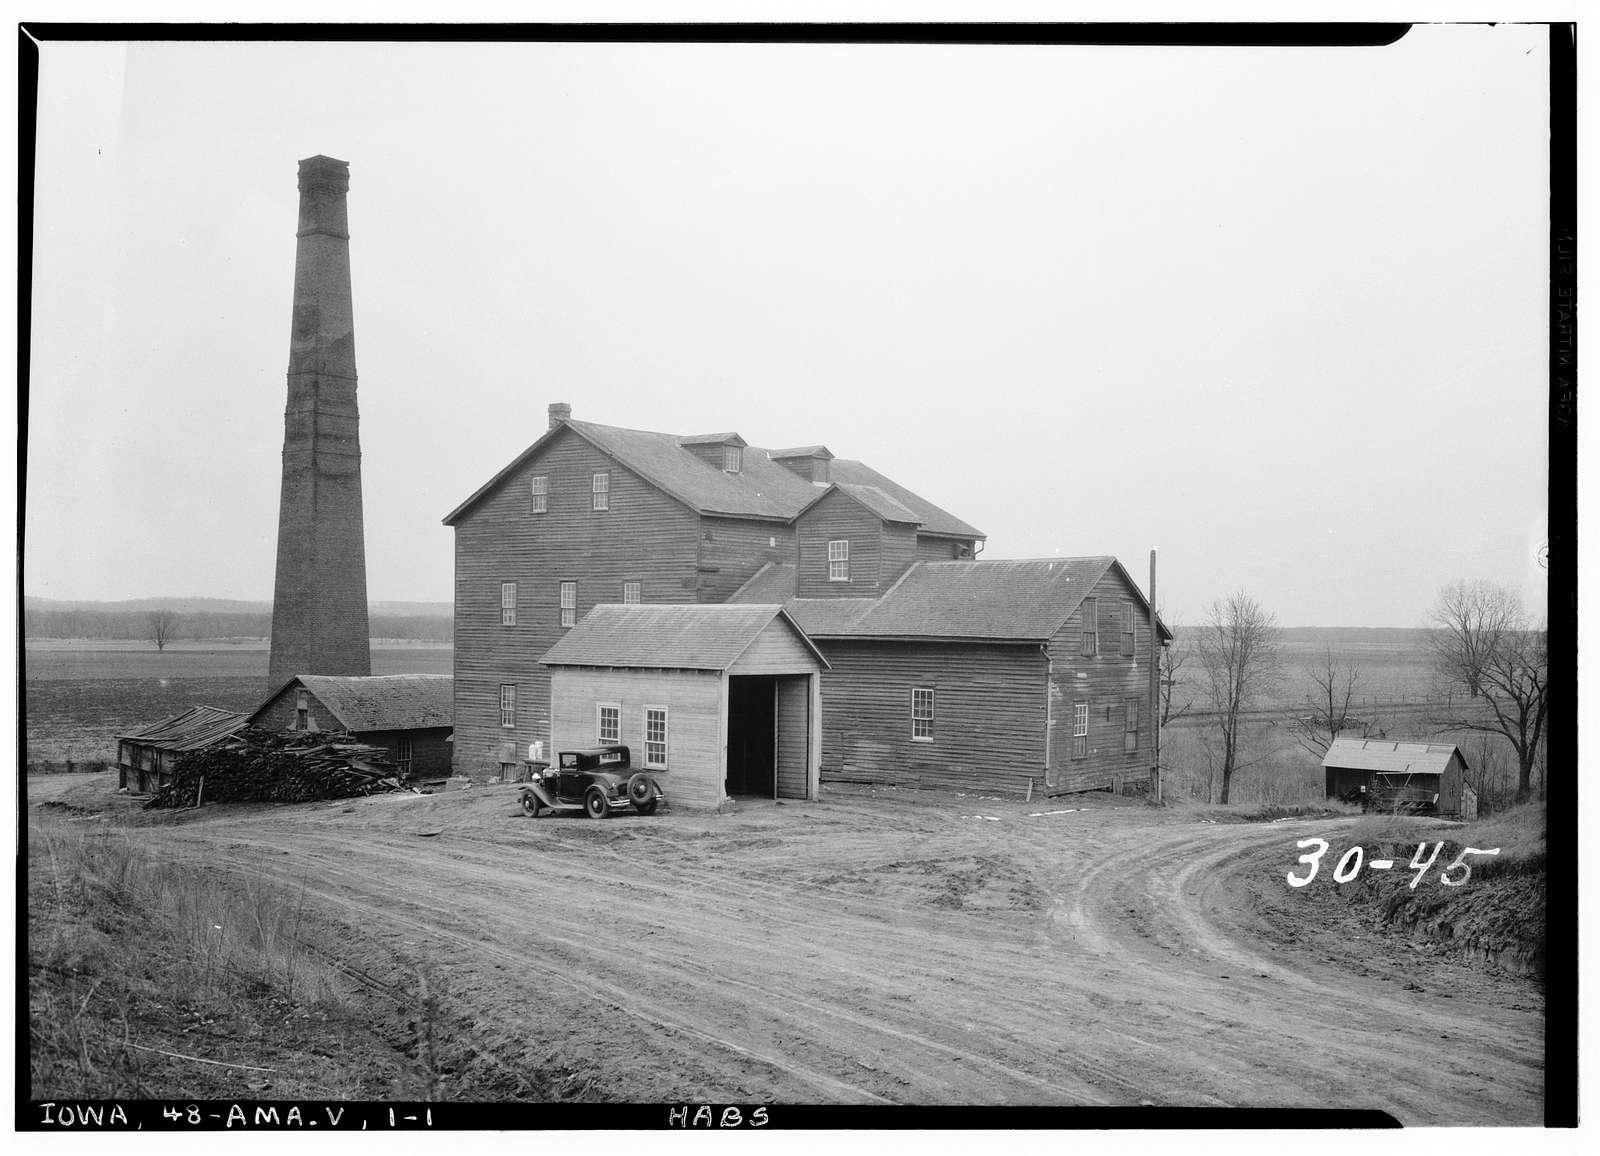 West Amana Flour Mill, Amana, Iowa County, IA